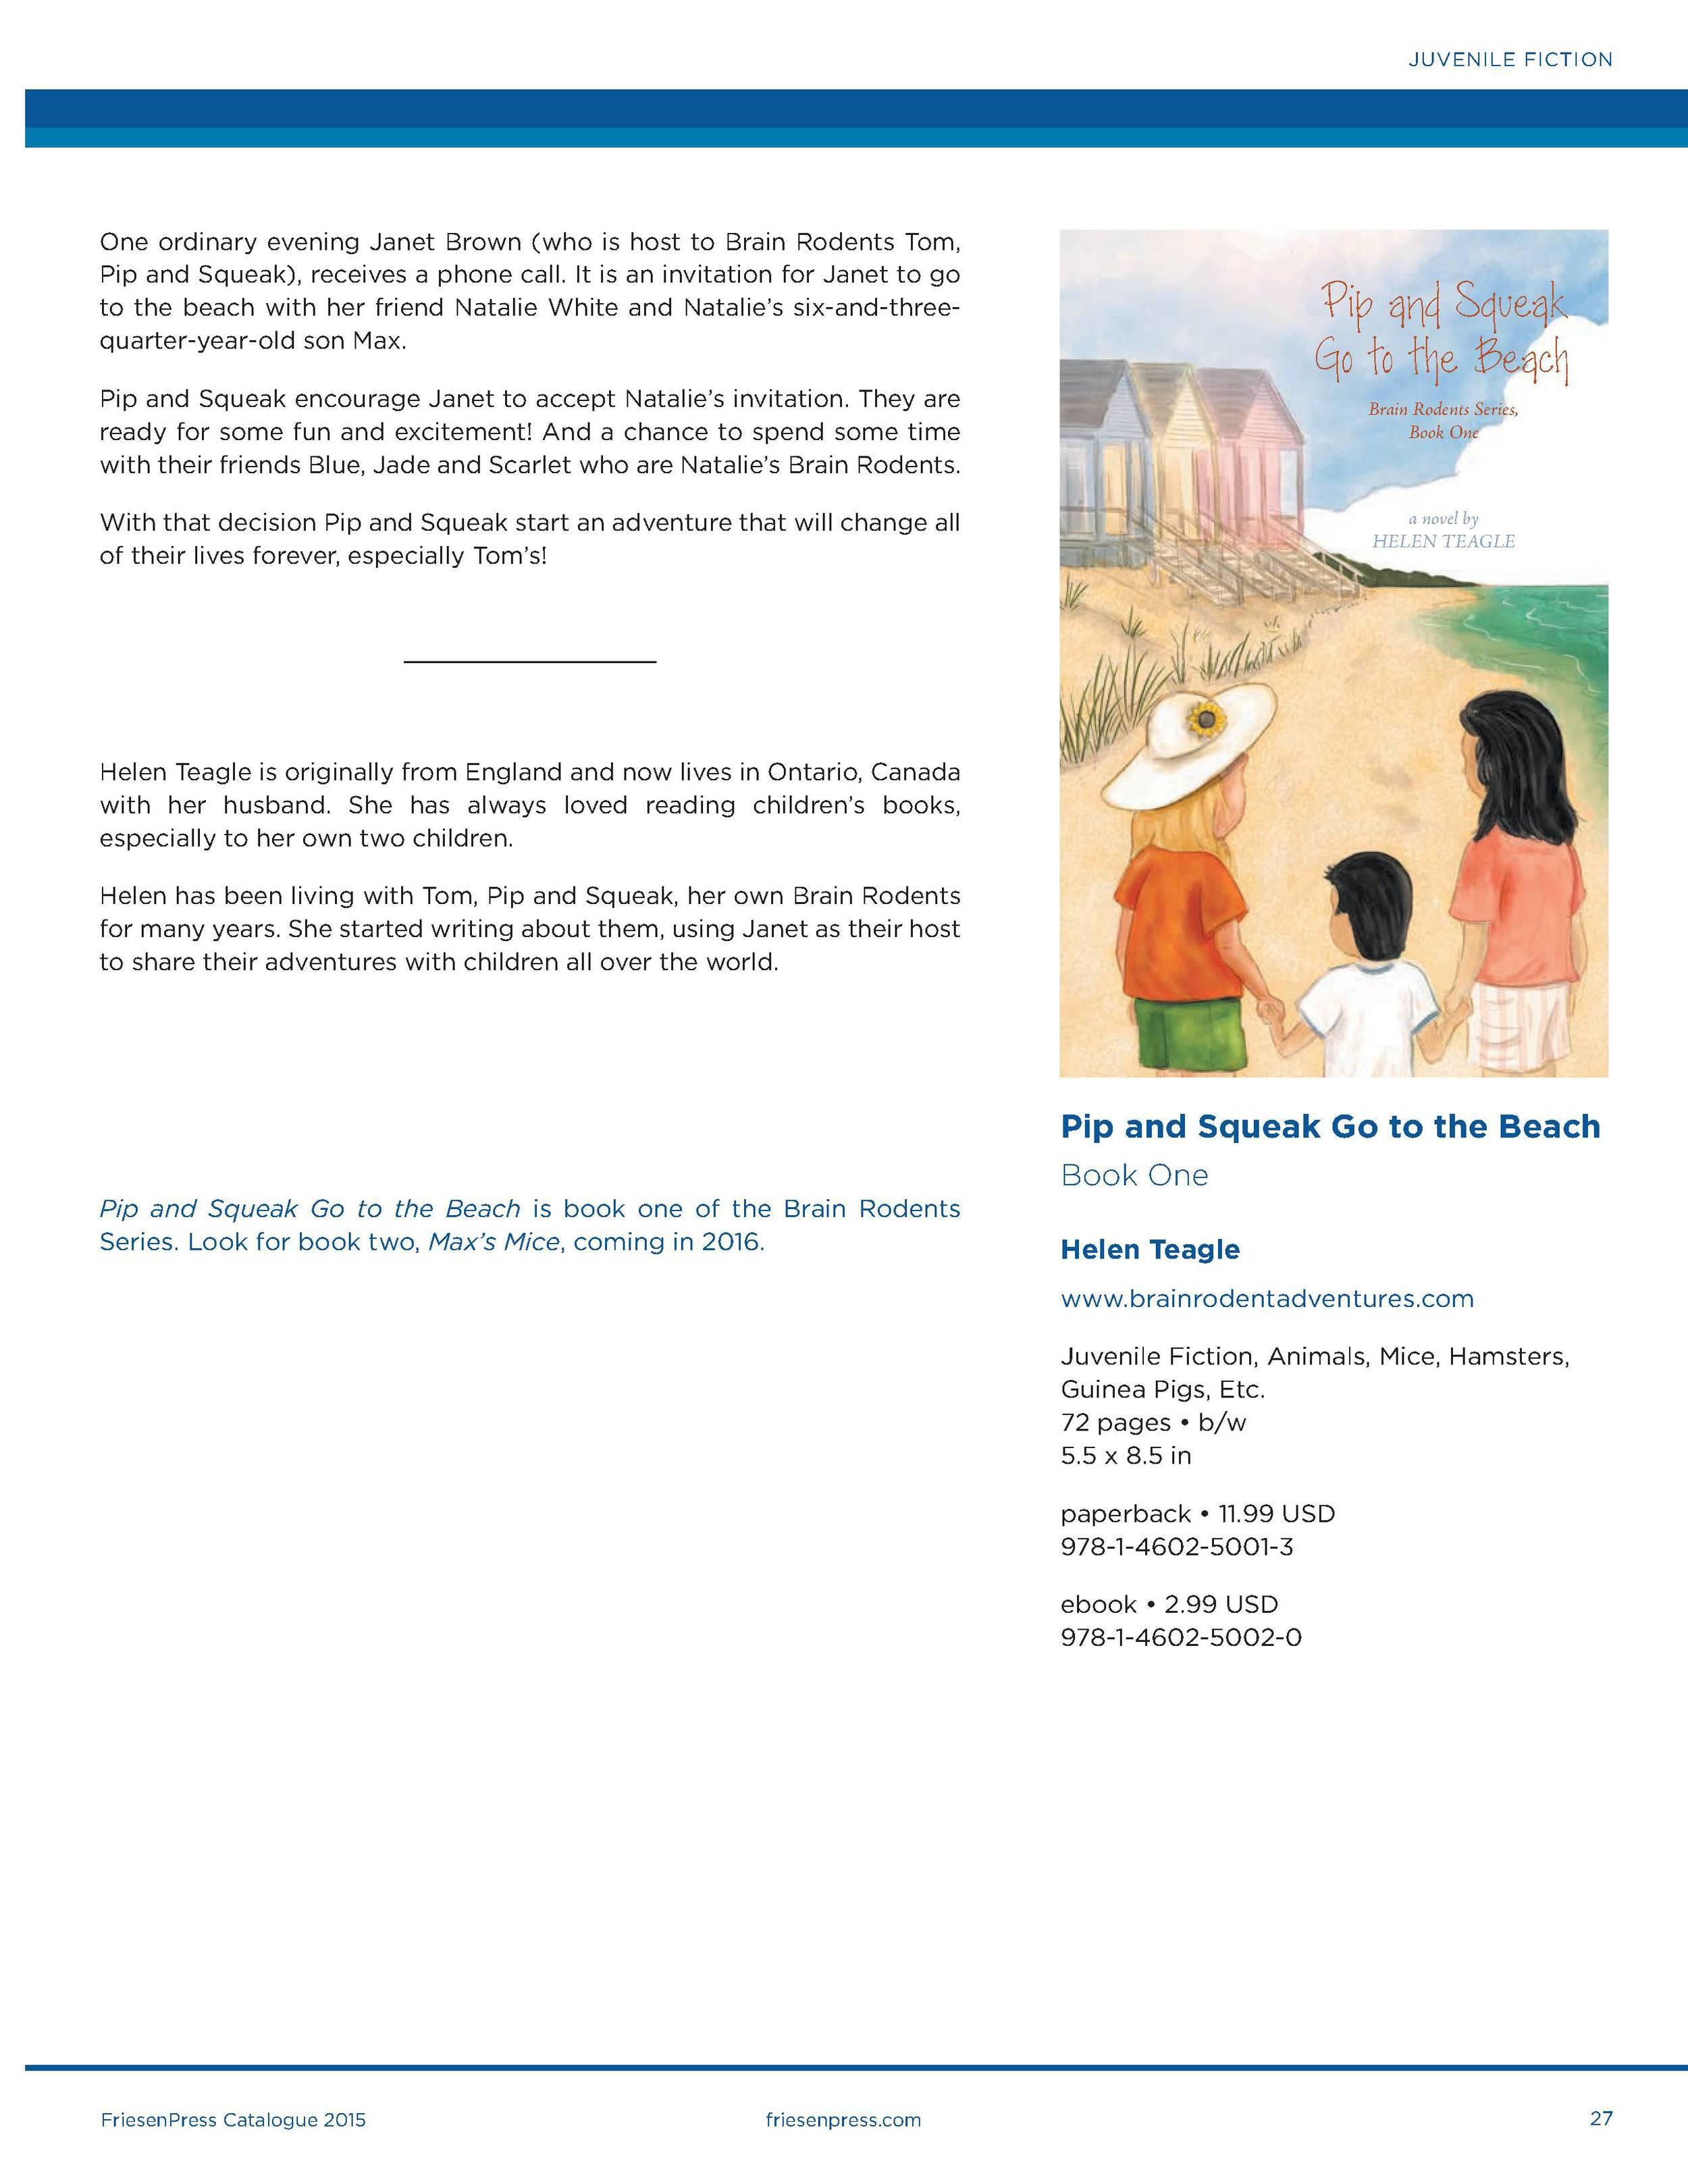 file-page27.jpg